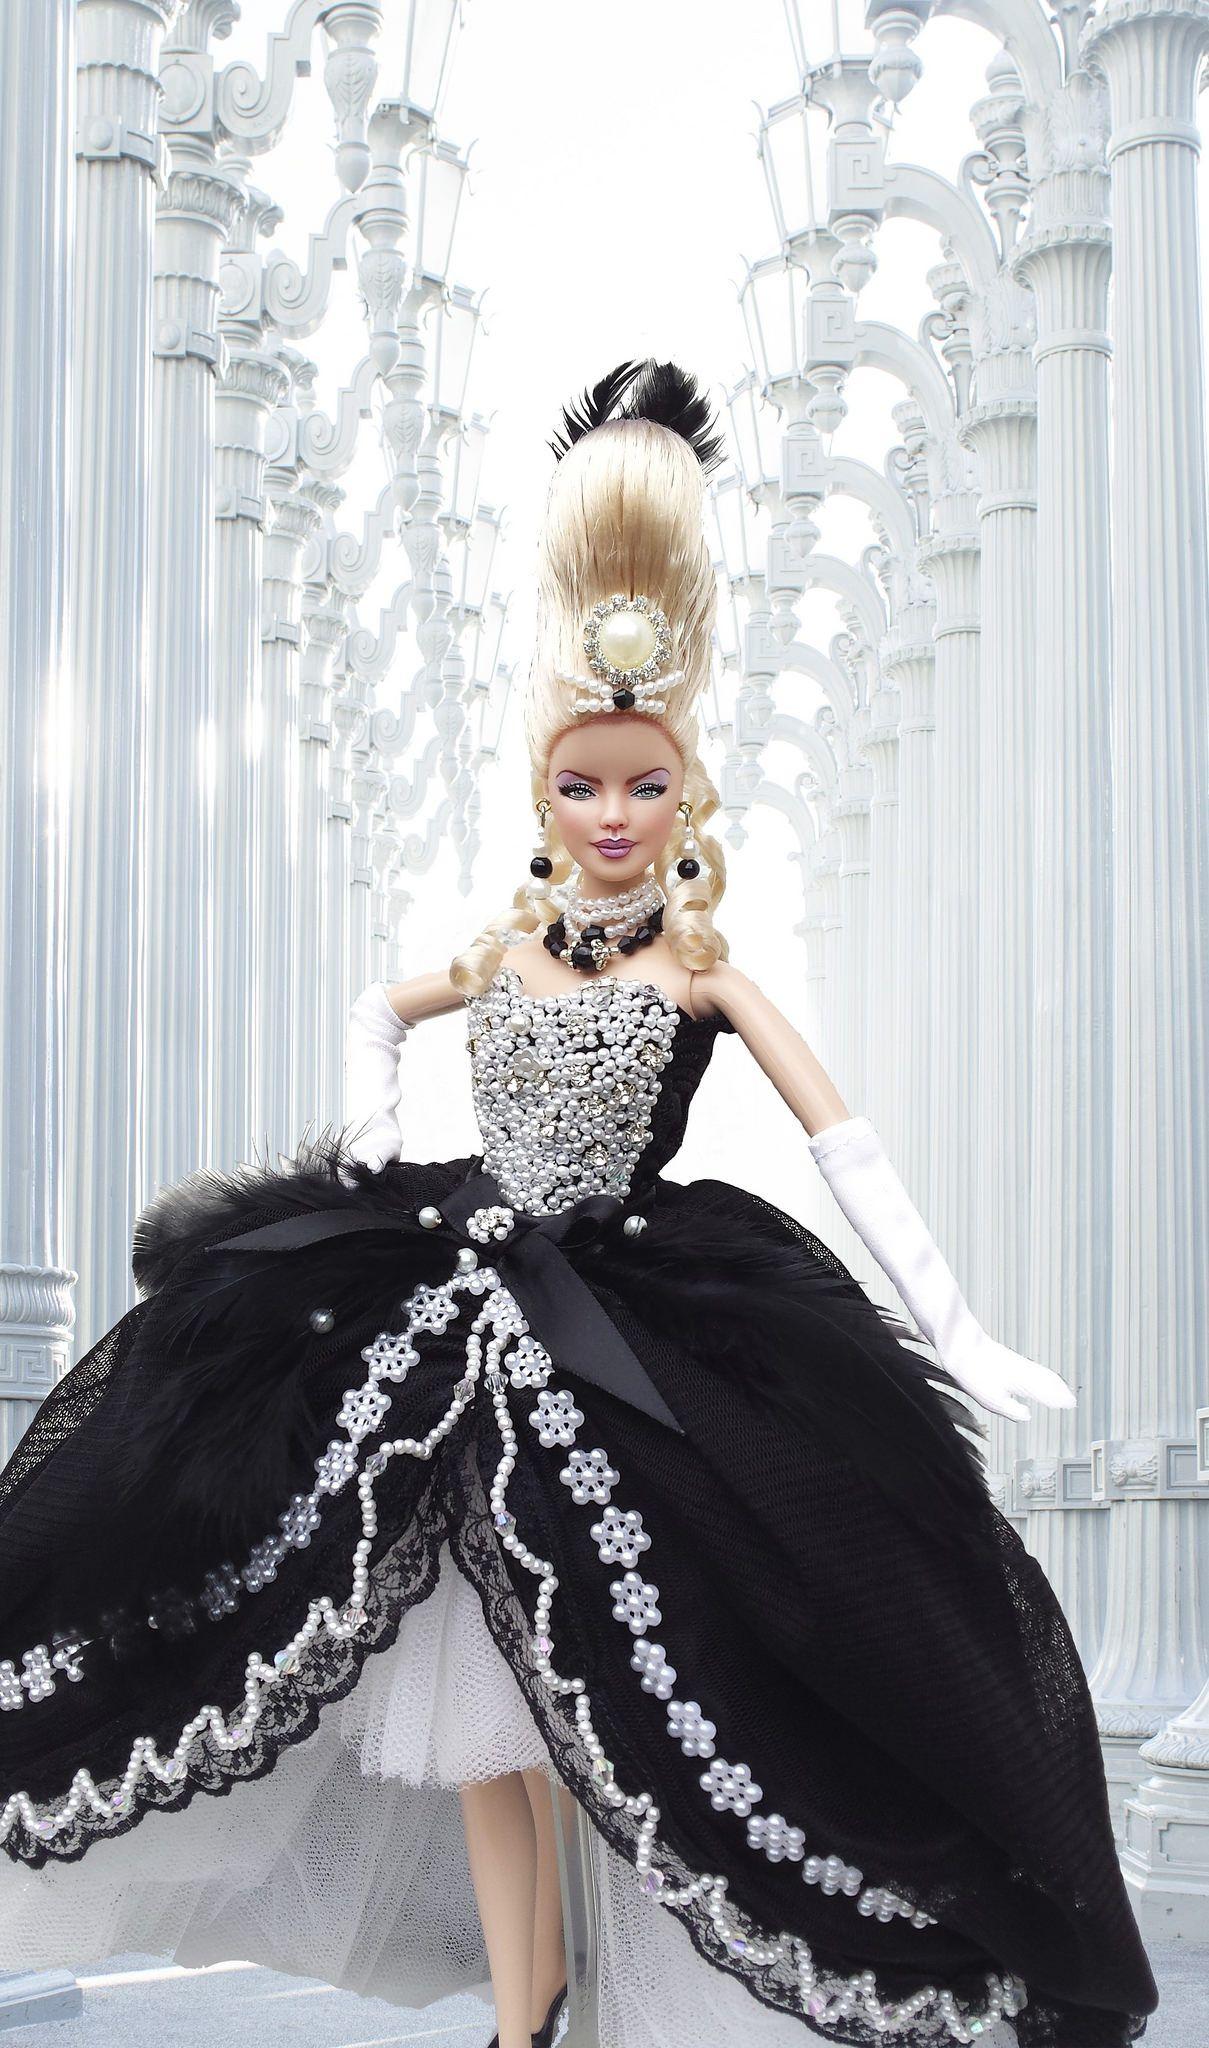 httpsflickrpnmxgej barbie marie antoinette gothic - Barbie Marie